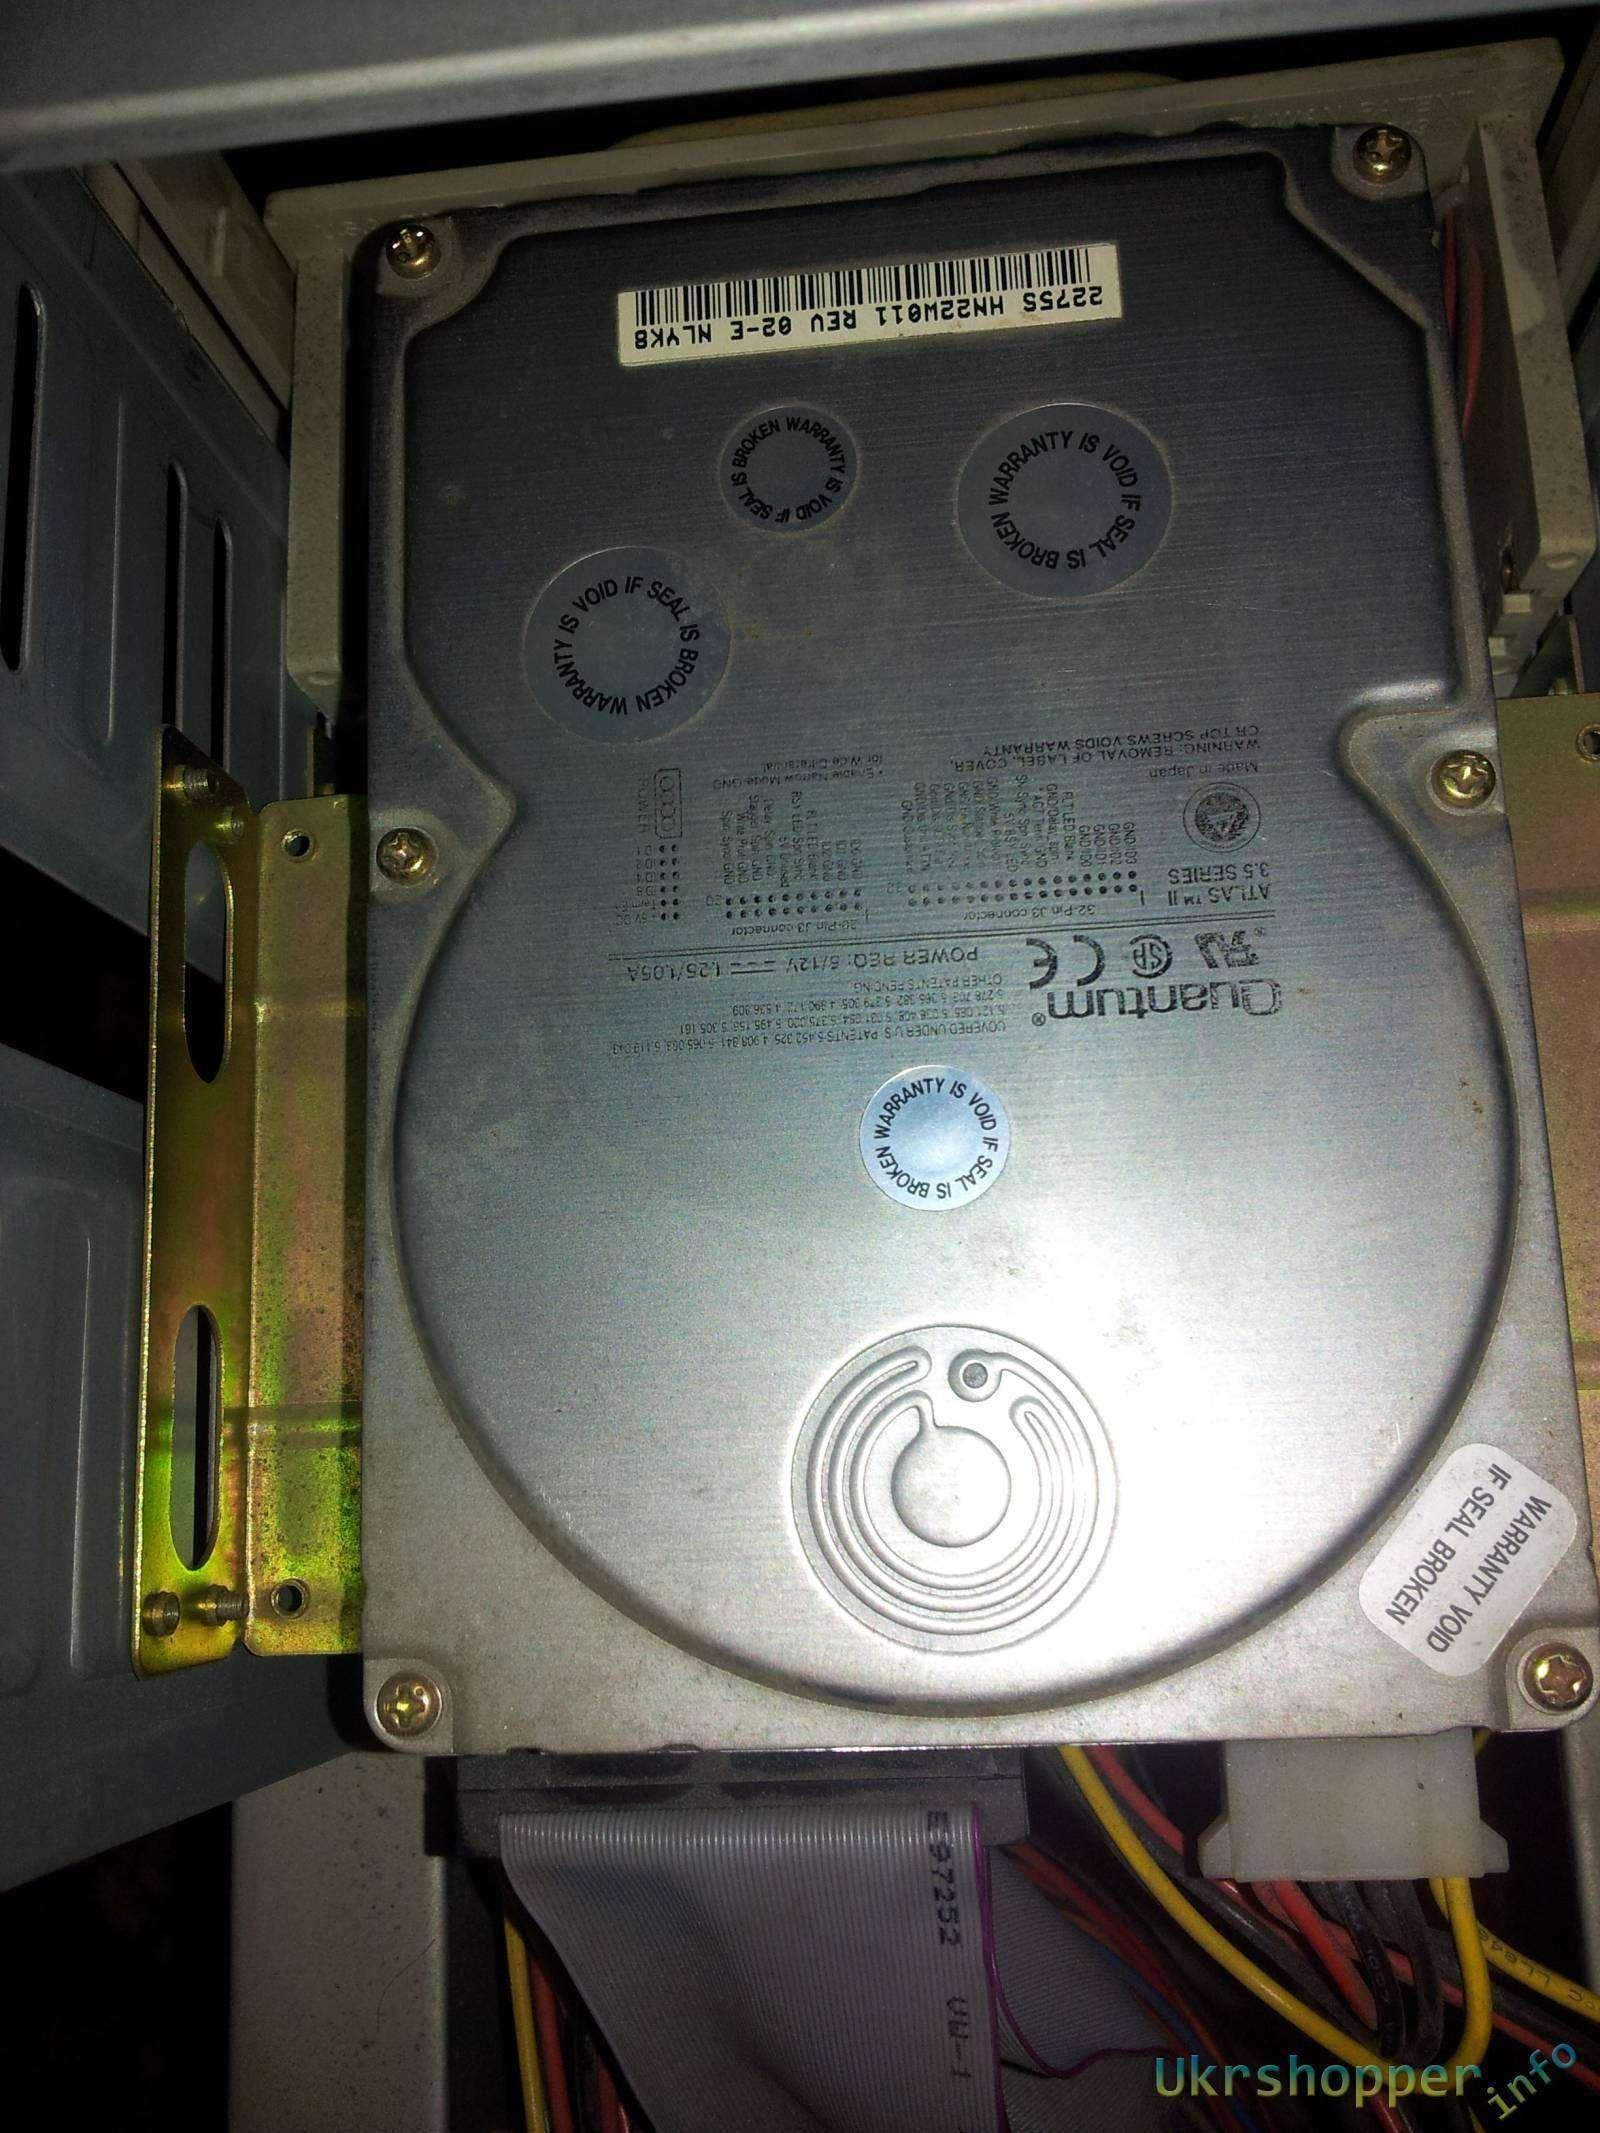 Другие: Обзор сервера который слабее всех смартфонов но с двухядерным процессором- ностальгии обзор